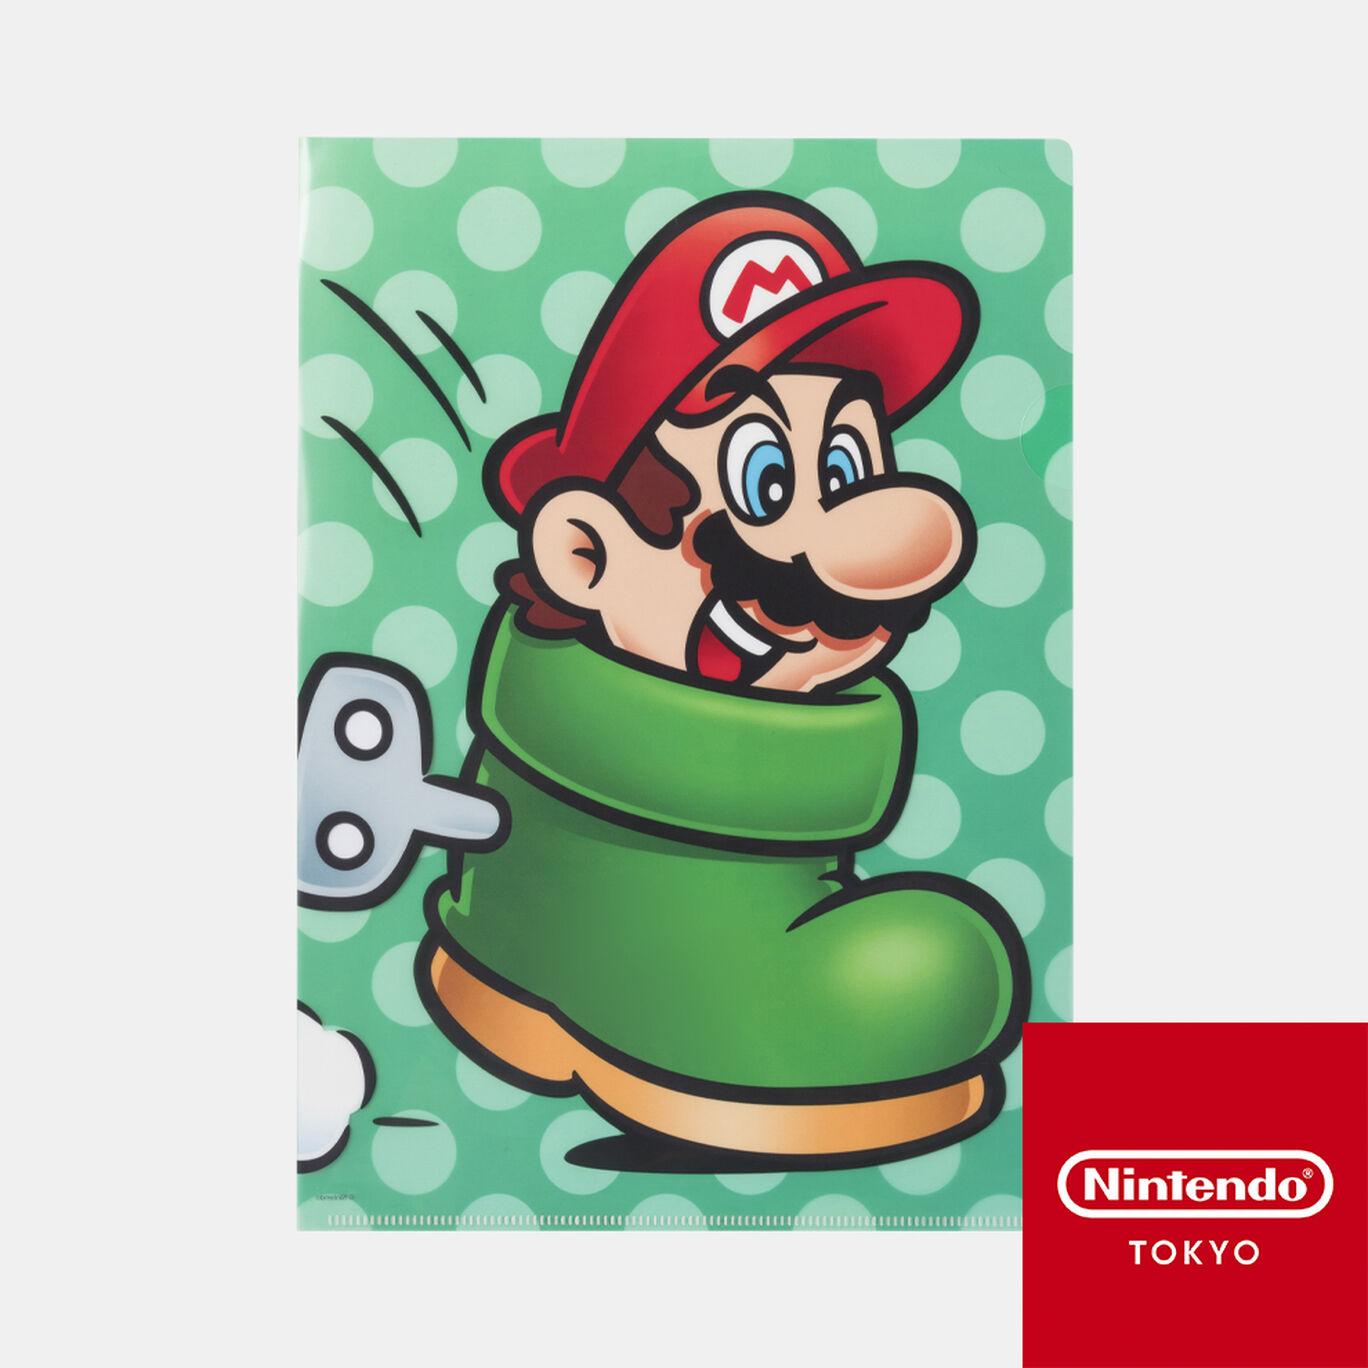 クリアファイル スーパーマリオ パワーアップ D【Nintendo TOKYO取り扱い商品】